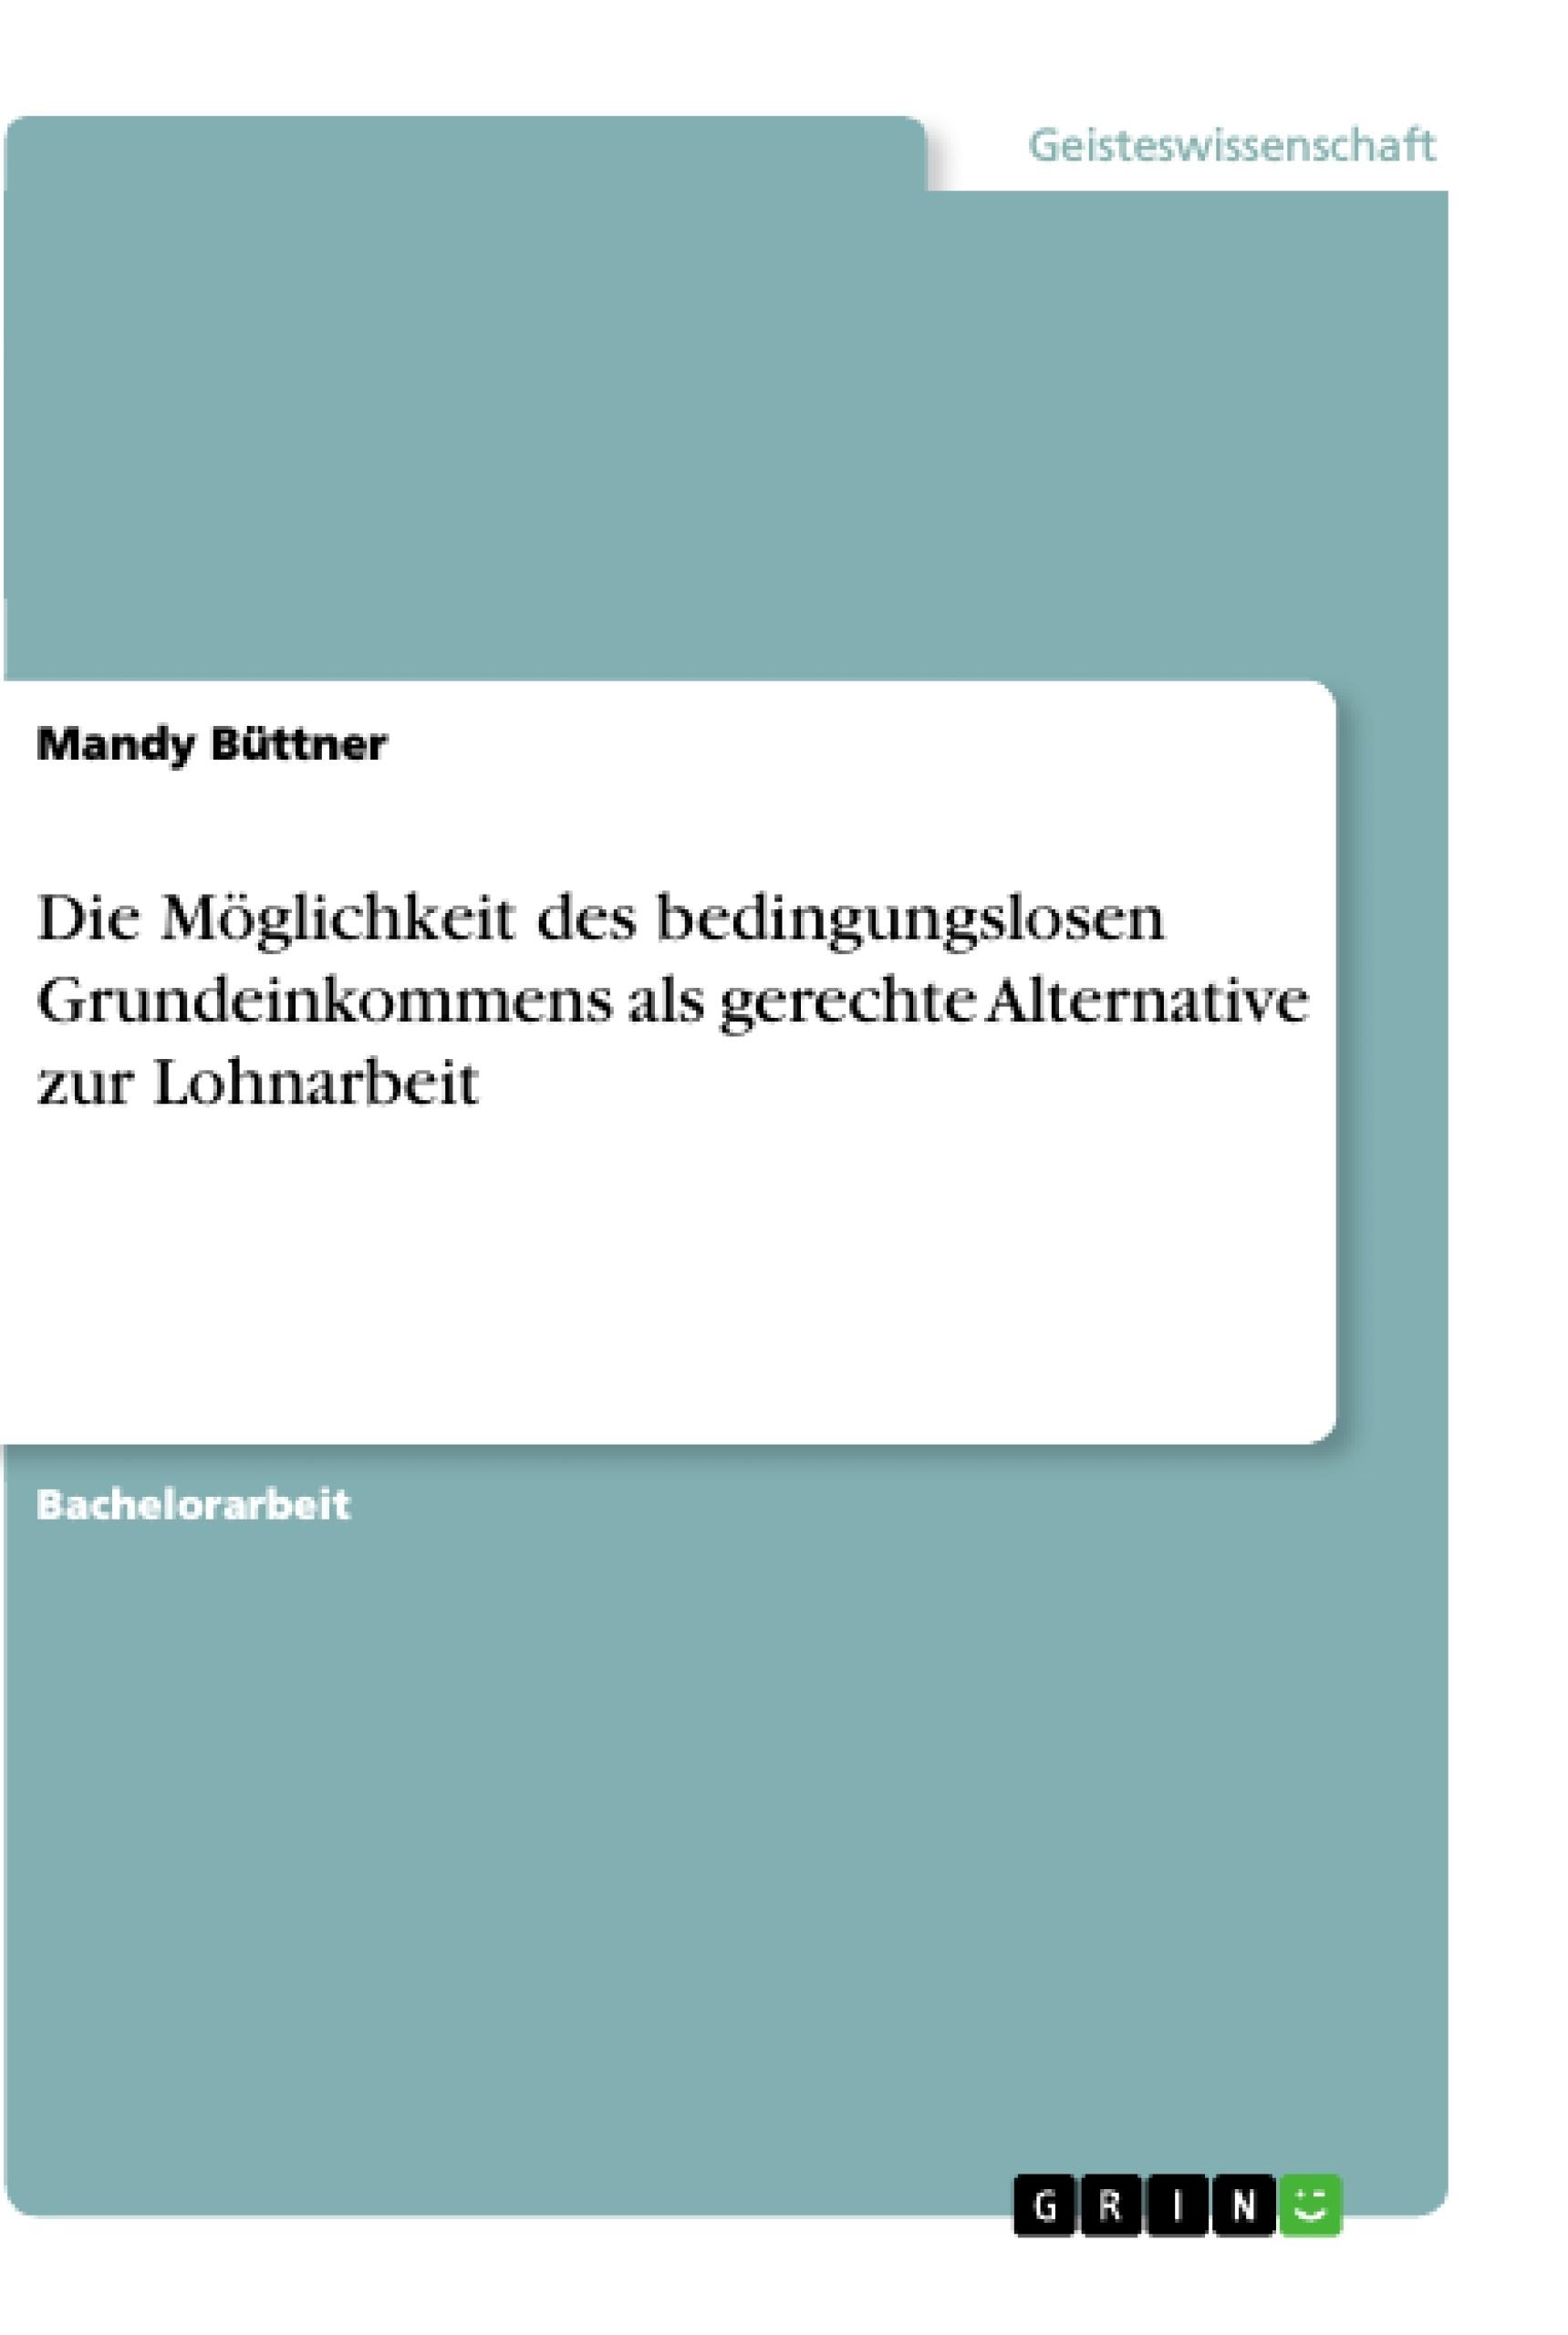 Titel: Die Möglichkeit des bedingungslosen Grundeinkommens als gerechte Alternative zur Lohnarbeit